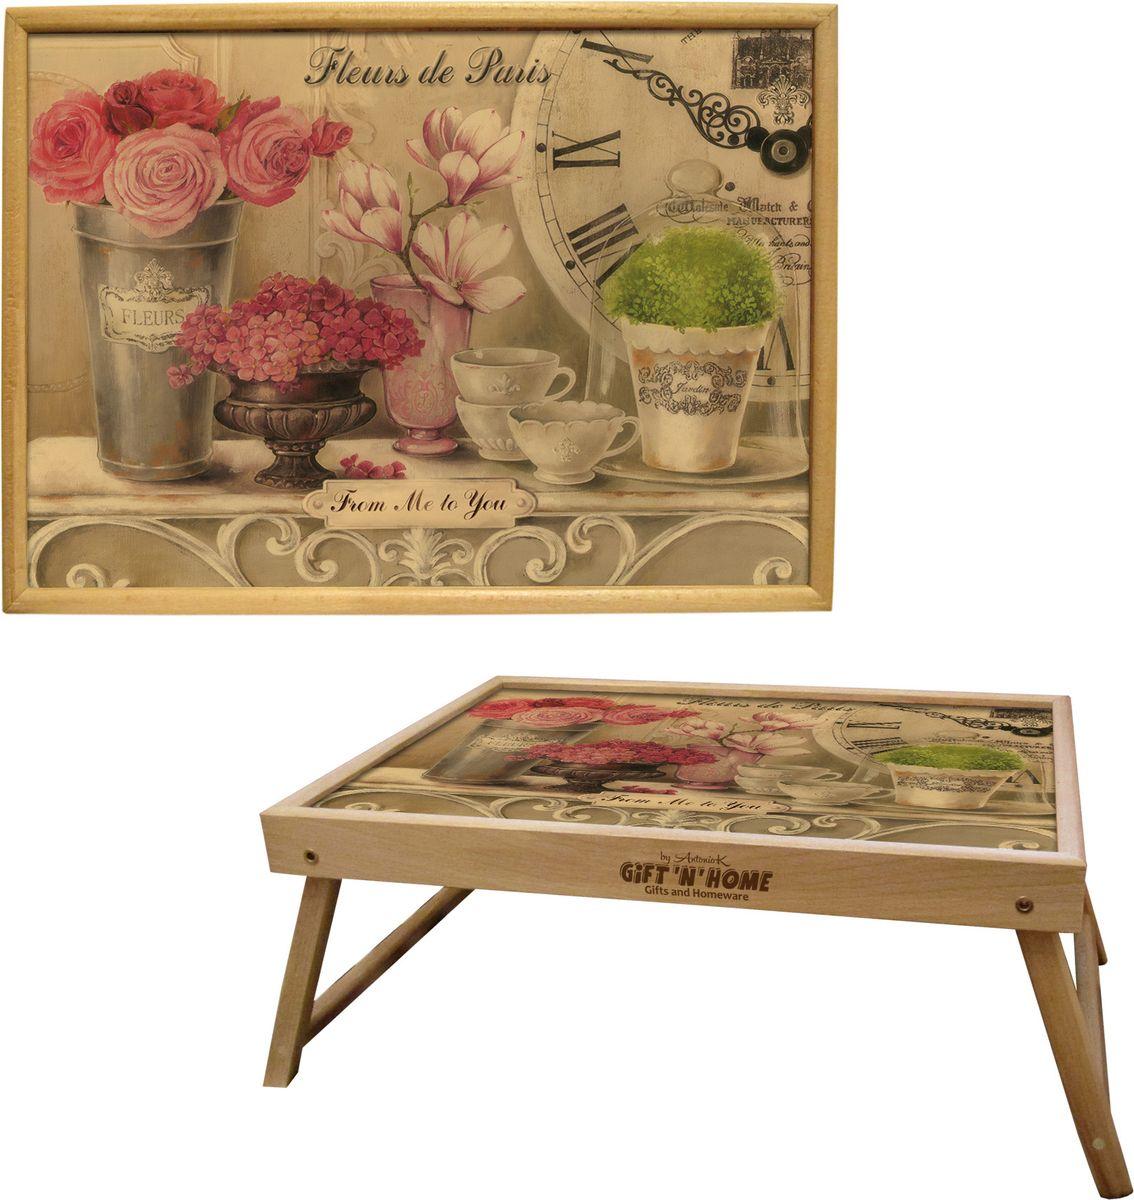 Столик с раскладными ножками GiftnHome Парижские цветы, 25 х 37,5 см115510Столик-поднос с раскладными ножками GiftnHome Парижские цветы - это истинный комплимент вашим любимым и близким людям, он станет отличным подарком. Он выполнен из благородной породы древесины -бука. Подать кофе, завтрак в постель или вынести на веранду гостям закуски, фрукты сервированные на стильном подносе, с оригинальным принтом на поверхности.Изделие несомненно внесет свой Арт-стиль и уютную атмосферу в домашнее пространство. Нанесенные на столешницу дизайнерские принты прекрасно дополнят интерьер вашего дома, дачи, студии или городской кухни - это современные, актуальные изделия, выполненные с душой, и несущие в дом настроение.